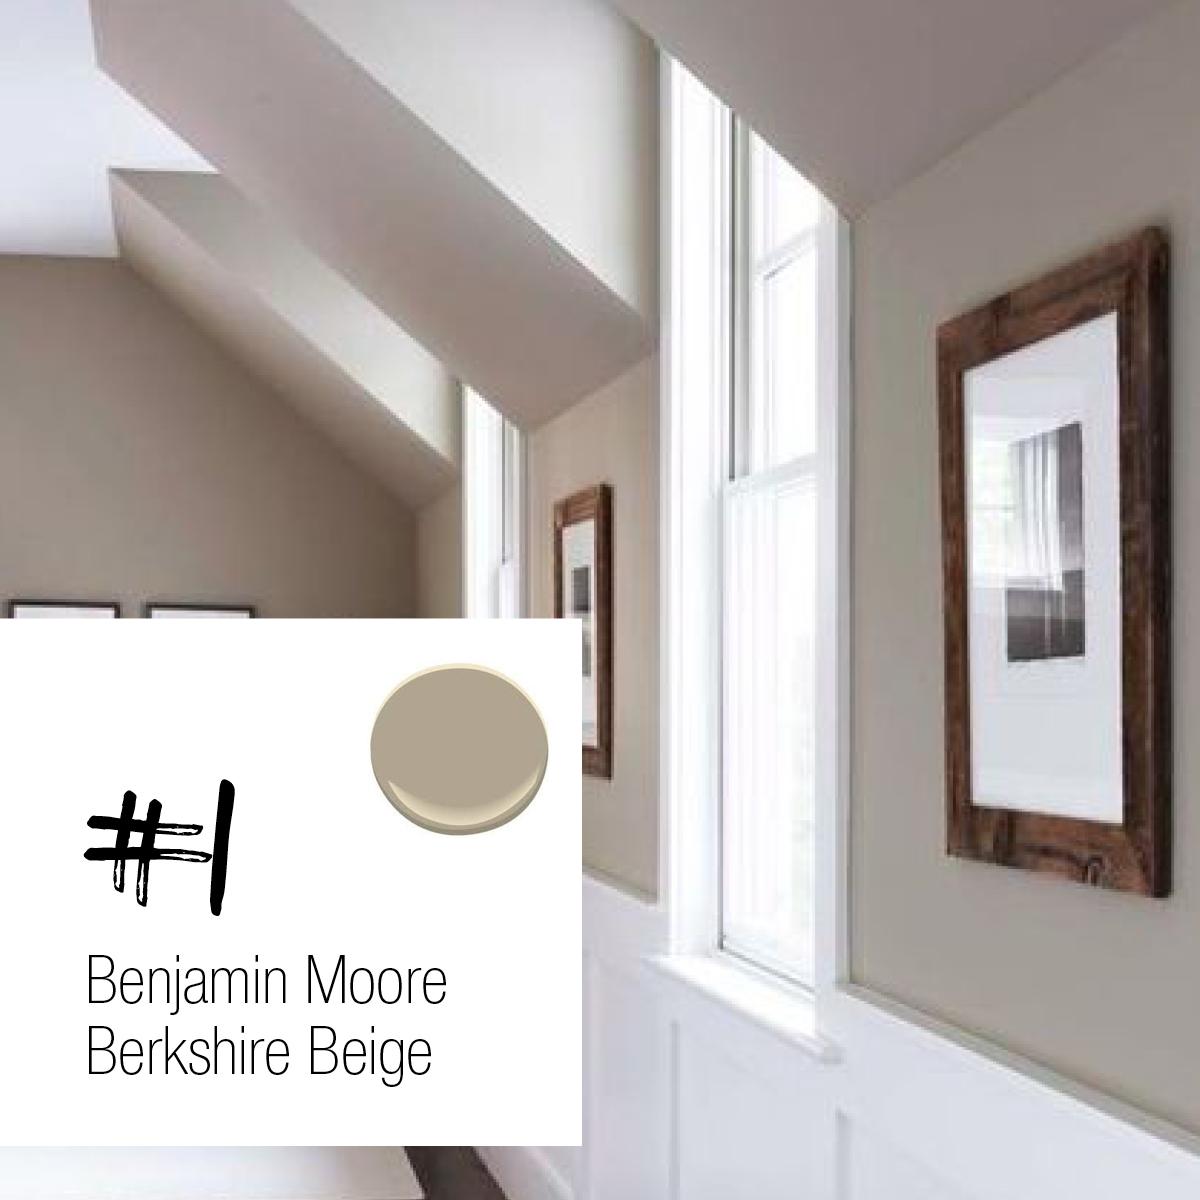 Benjamin Moore Berkshire Beige